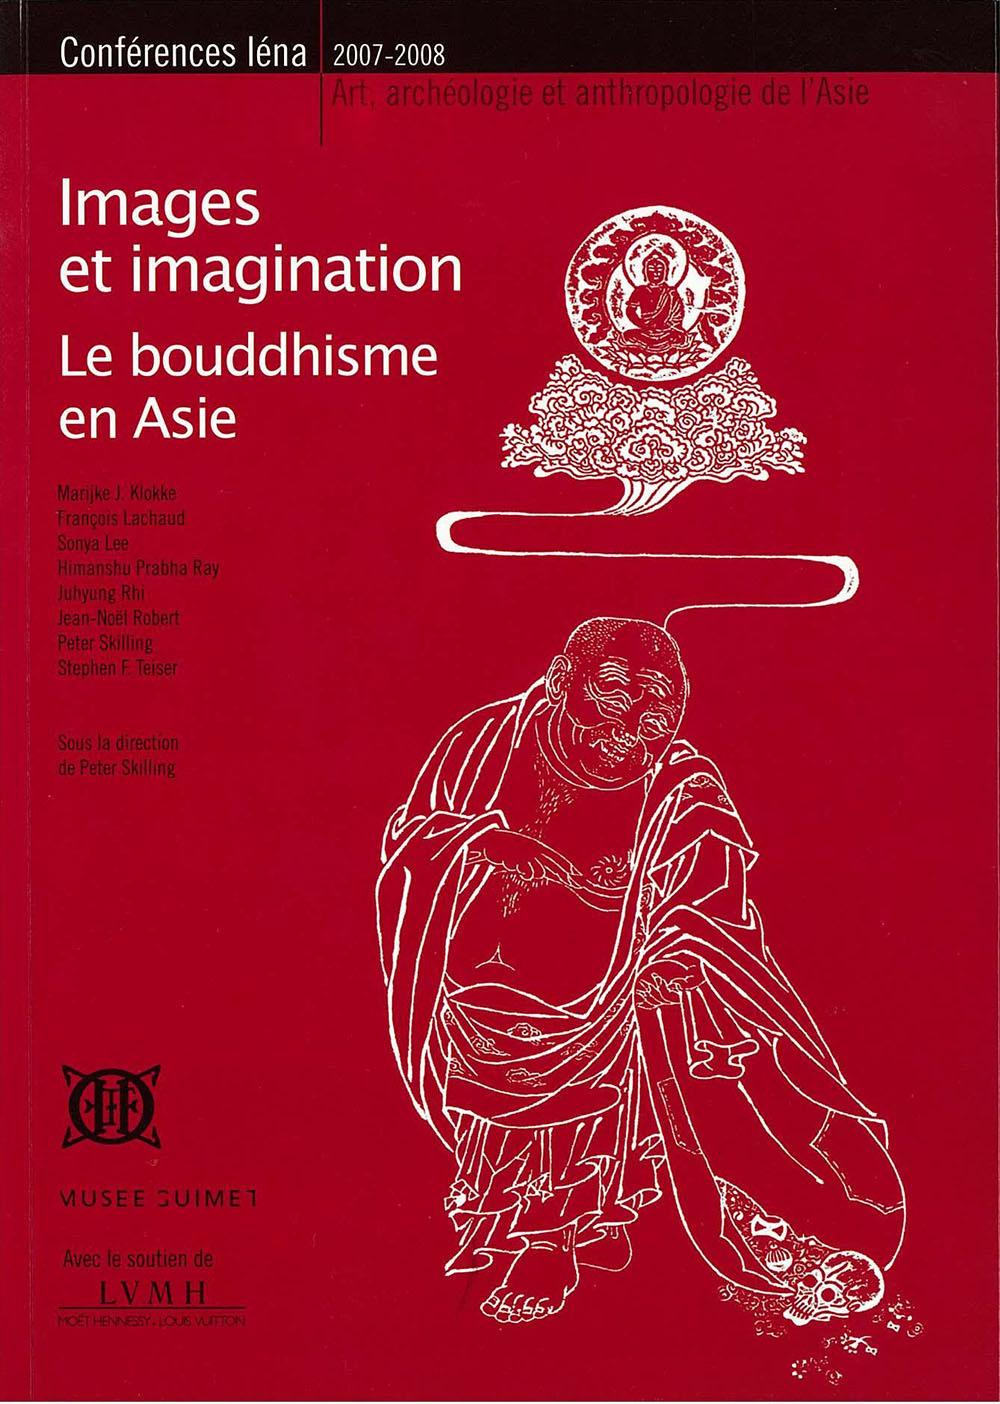 Images et imagination, le bouddhisme en Asie